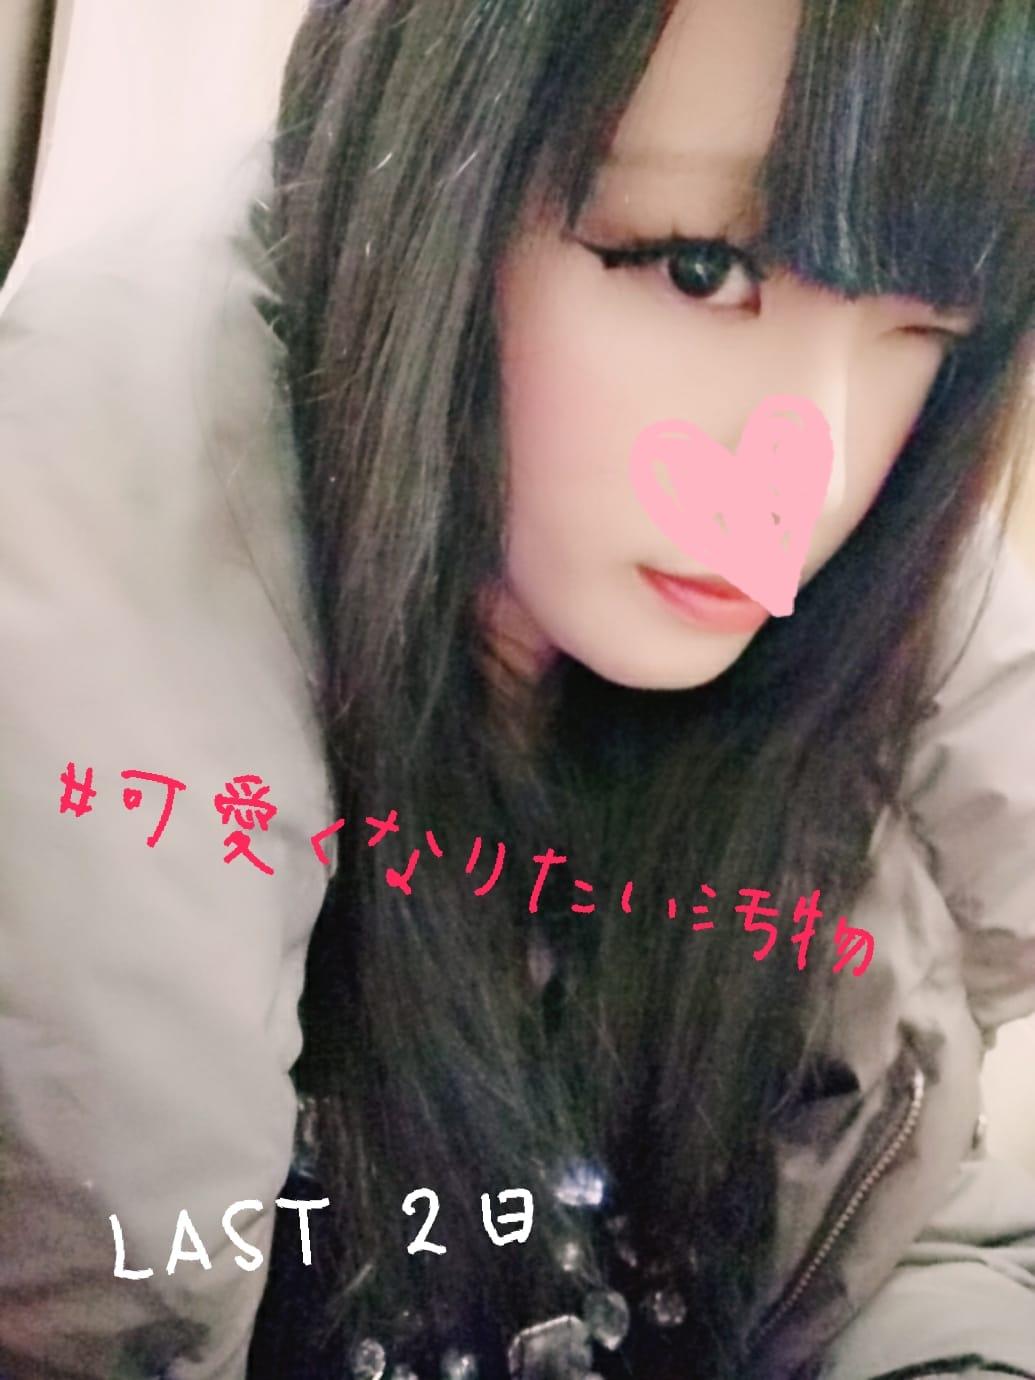 「大塚ヘッドロック」02/17(土) 18:49 | 愛月(あづき)の写メ・風俗動画